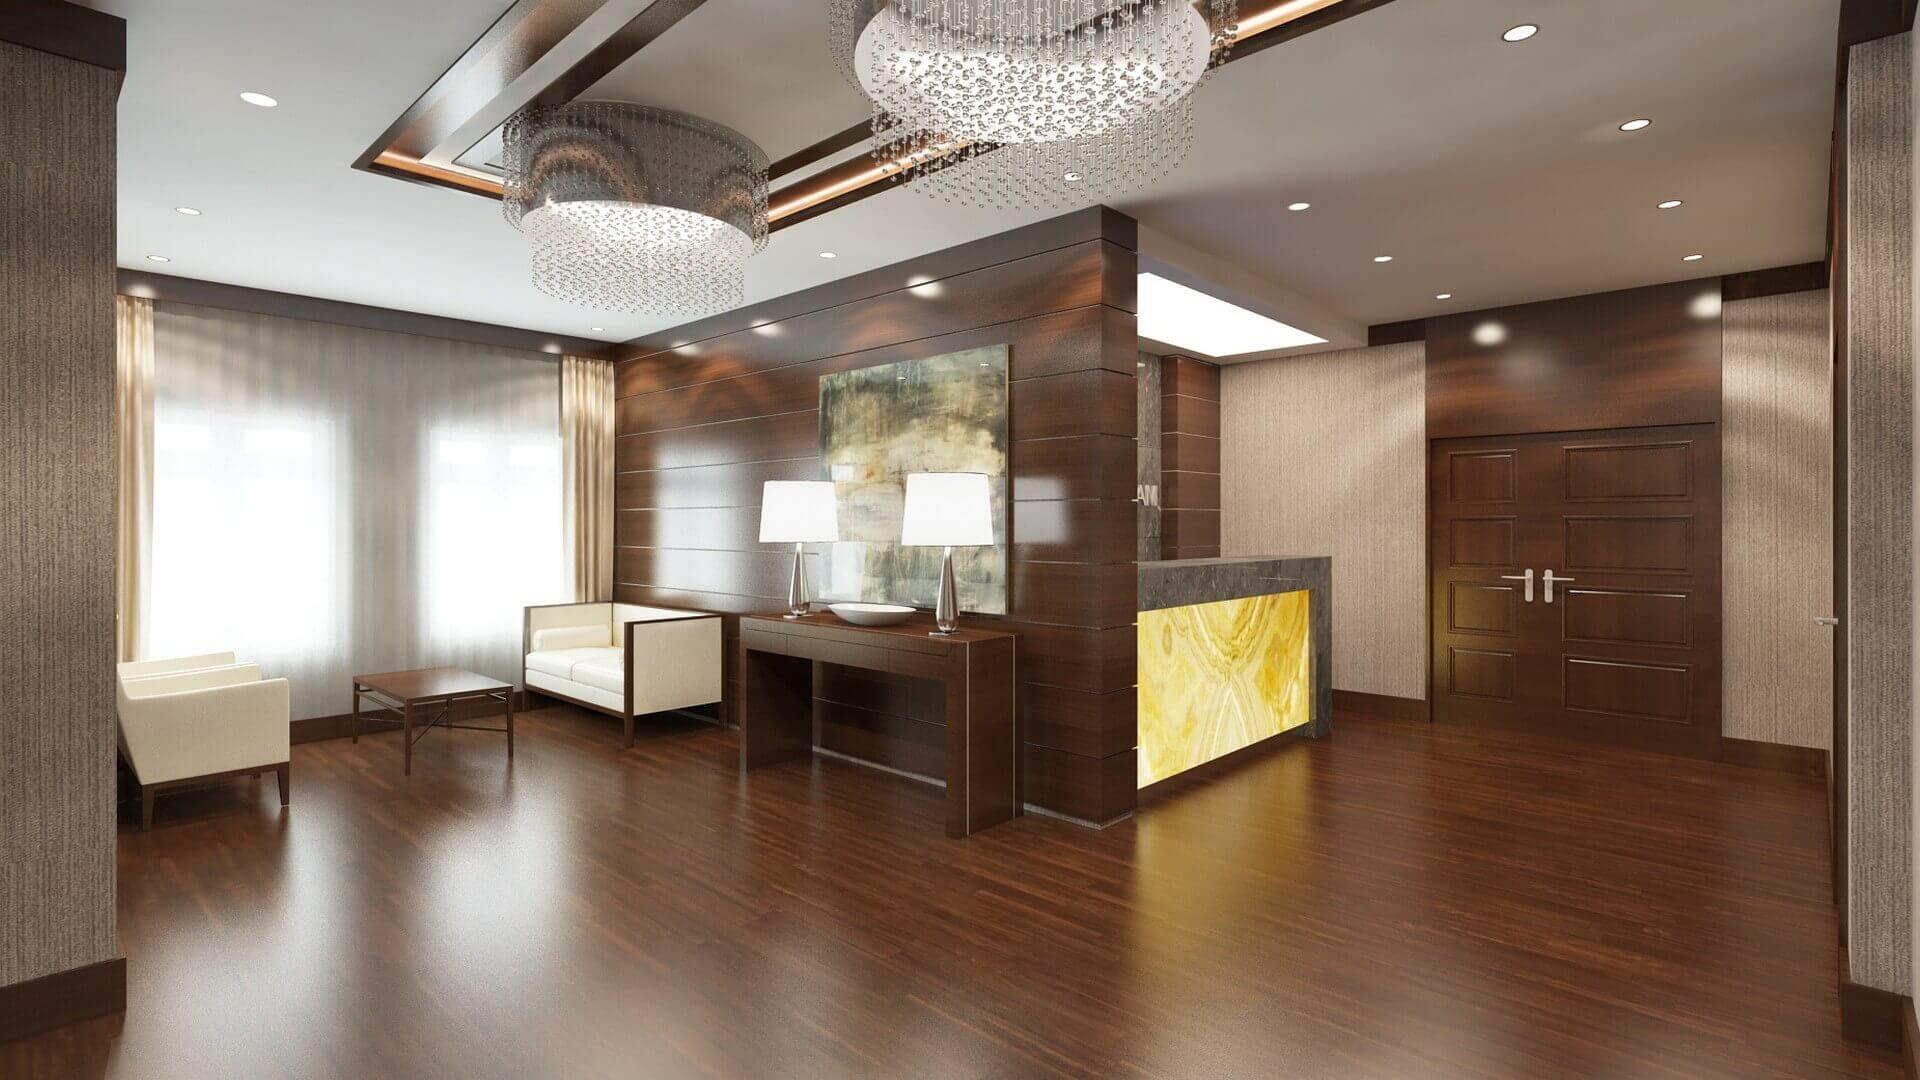 Otel Mimari ve İç Mimari Tasarımları Öz Orman-İş Sendikası Misafirhanesi